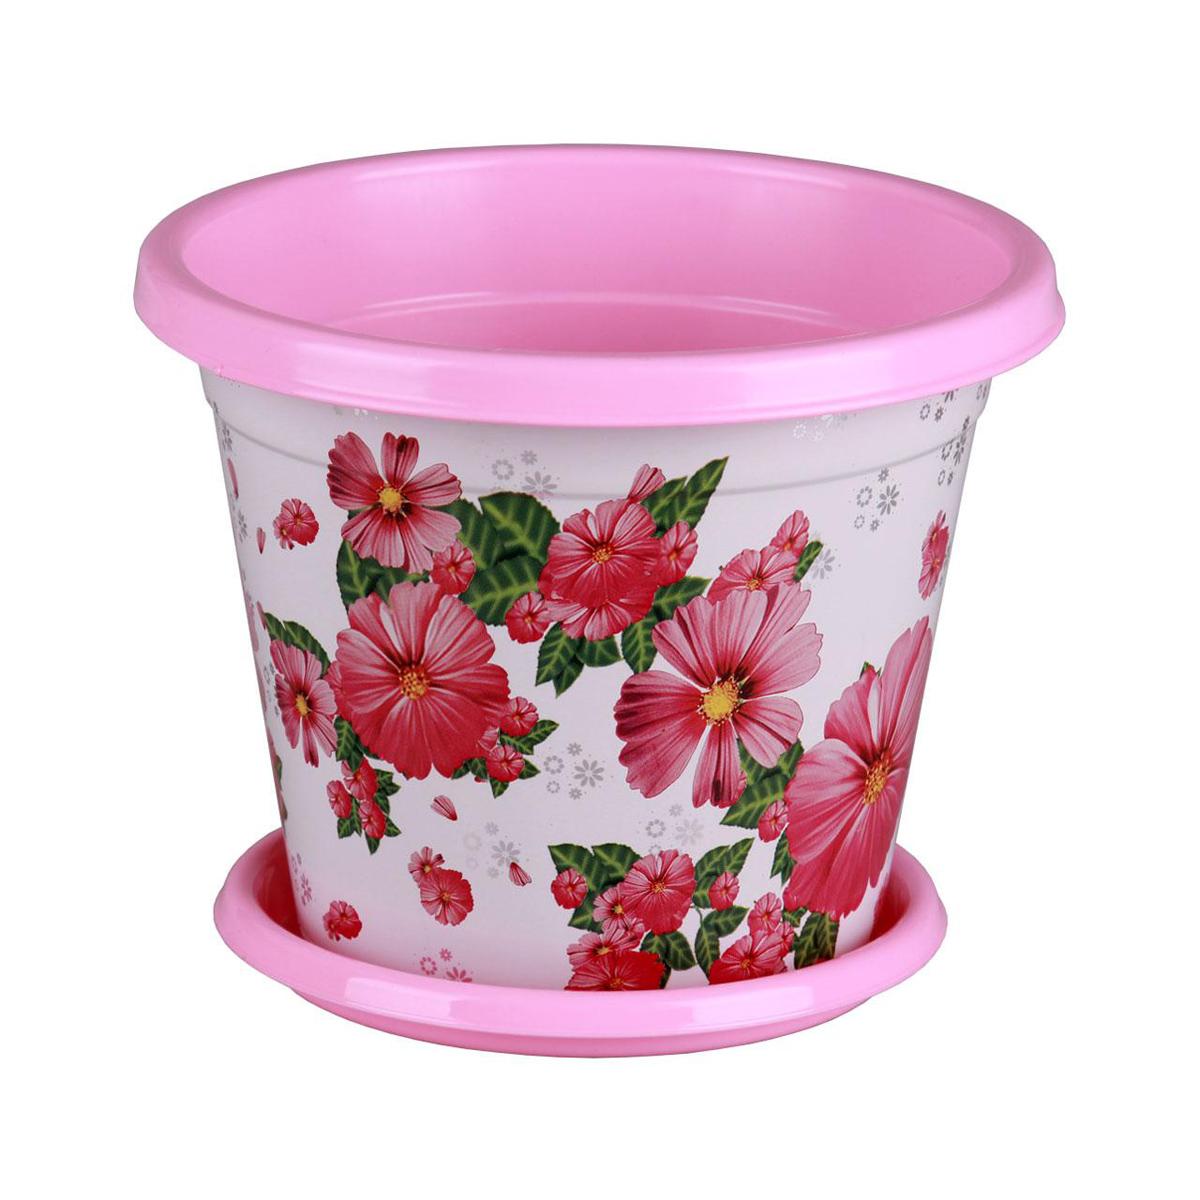 Горшок-кашпо Альтернатива Космея, с поддоном, цвет: розовый, белый, 5,5 л212-4Горшок-кашпо Альтернатива Космея изготовлен из высококачественного пластика и подходит для выращивания растений и цветов в домашних условиях. Такие изделия часто становятся последним штрихом, который совершенно изменяет интерьер помещения или ландшафтный дизайн сада. Благодаря такому горшку-кашпо вы сможете украсить вашу комнату, офис, сад и другие места. Изделие оснащено специальным поддоном и декорировано ярким изображением цветов.Объем горшка: 5,5 л. Диаметр горшка (по верхнему краю): 25 см. Высота горшка: 21 см. Диаметр поддона: 19 см.